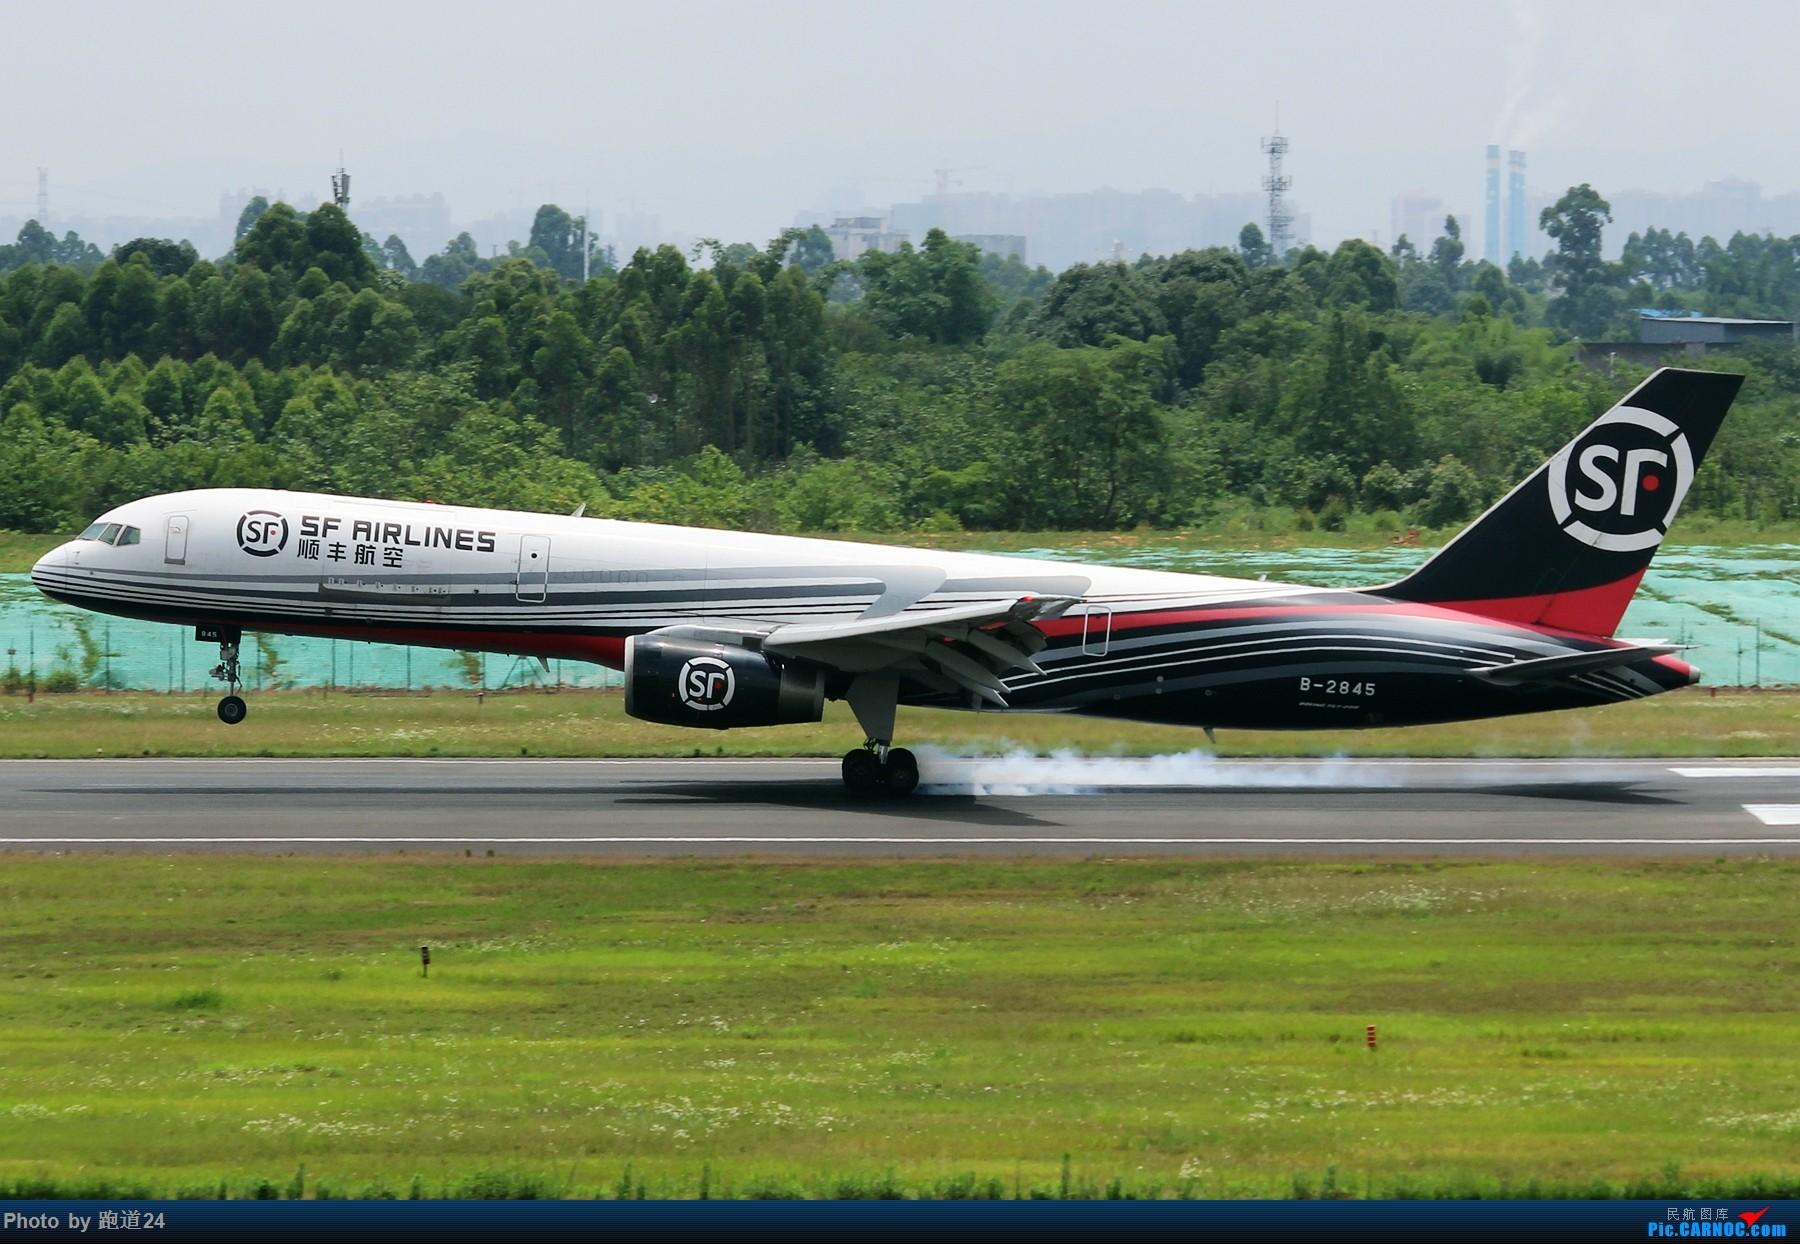 Re:[原创]【多图党】6月18日成都拍机【埃塞俄比亚航空B777-200LR】 BOEING 757-200 B-2845 中国成都双流国际机场